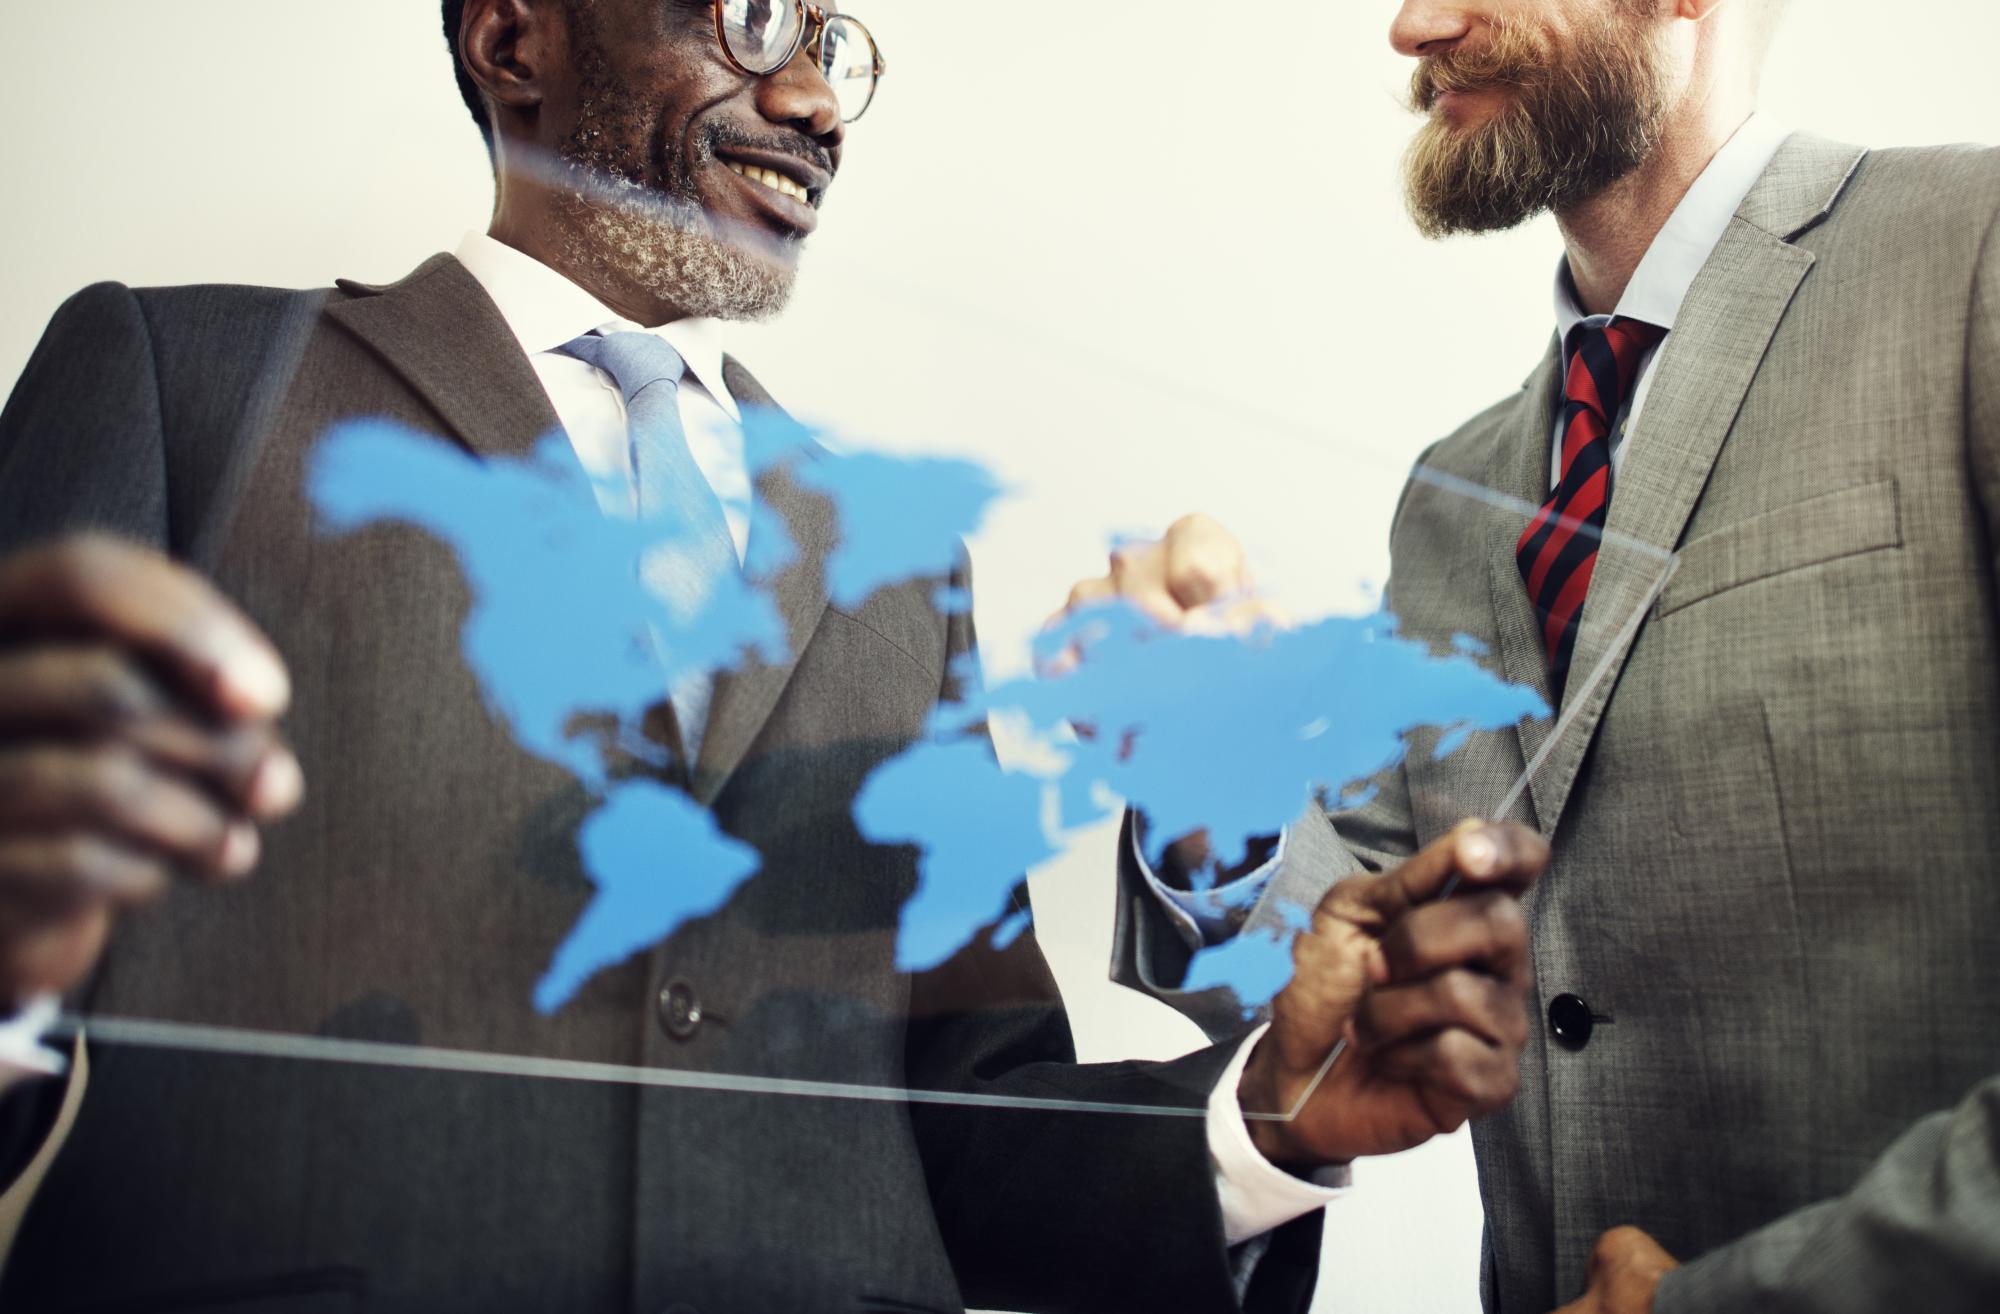 ОЭСР отложила переговоры по налогообложению цифрового бизнеса